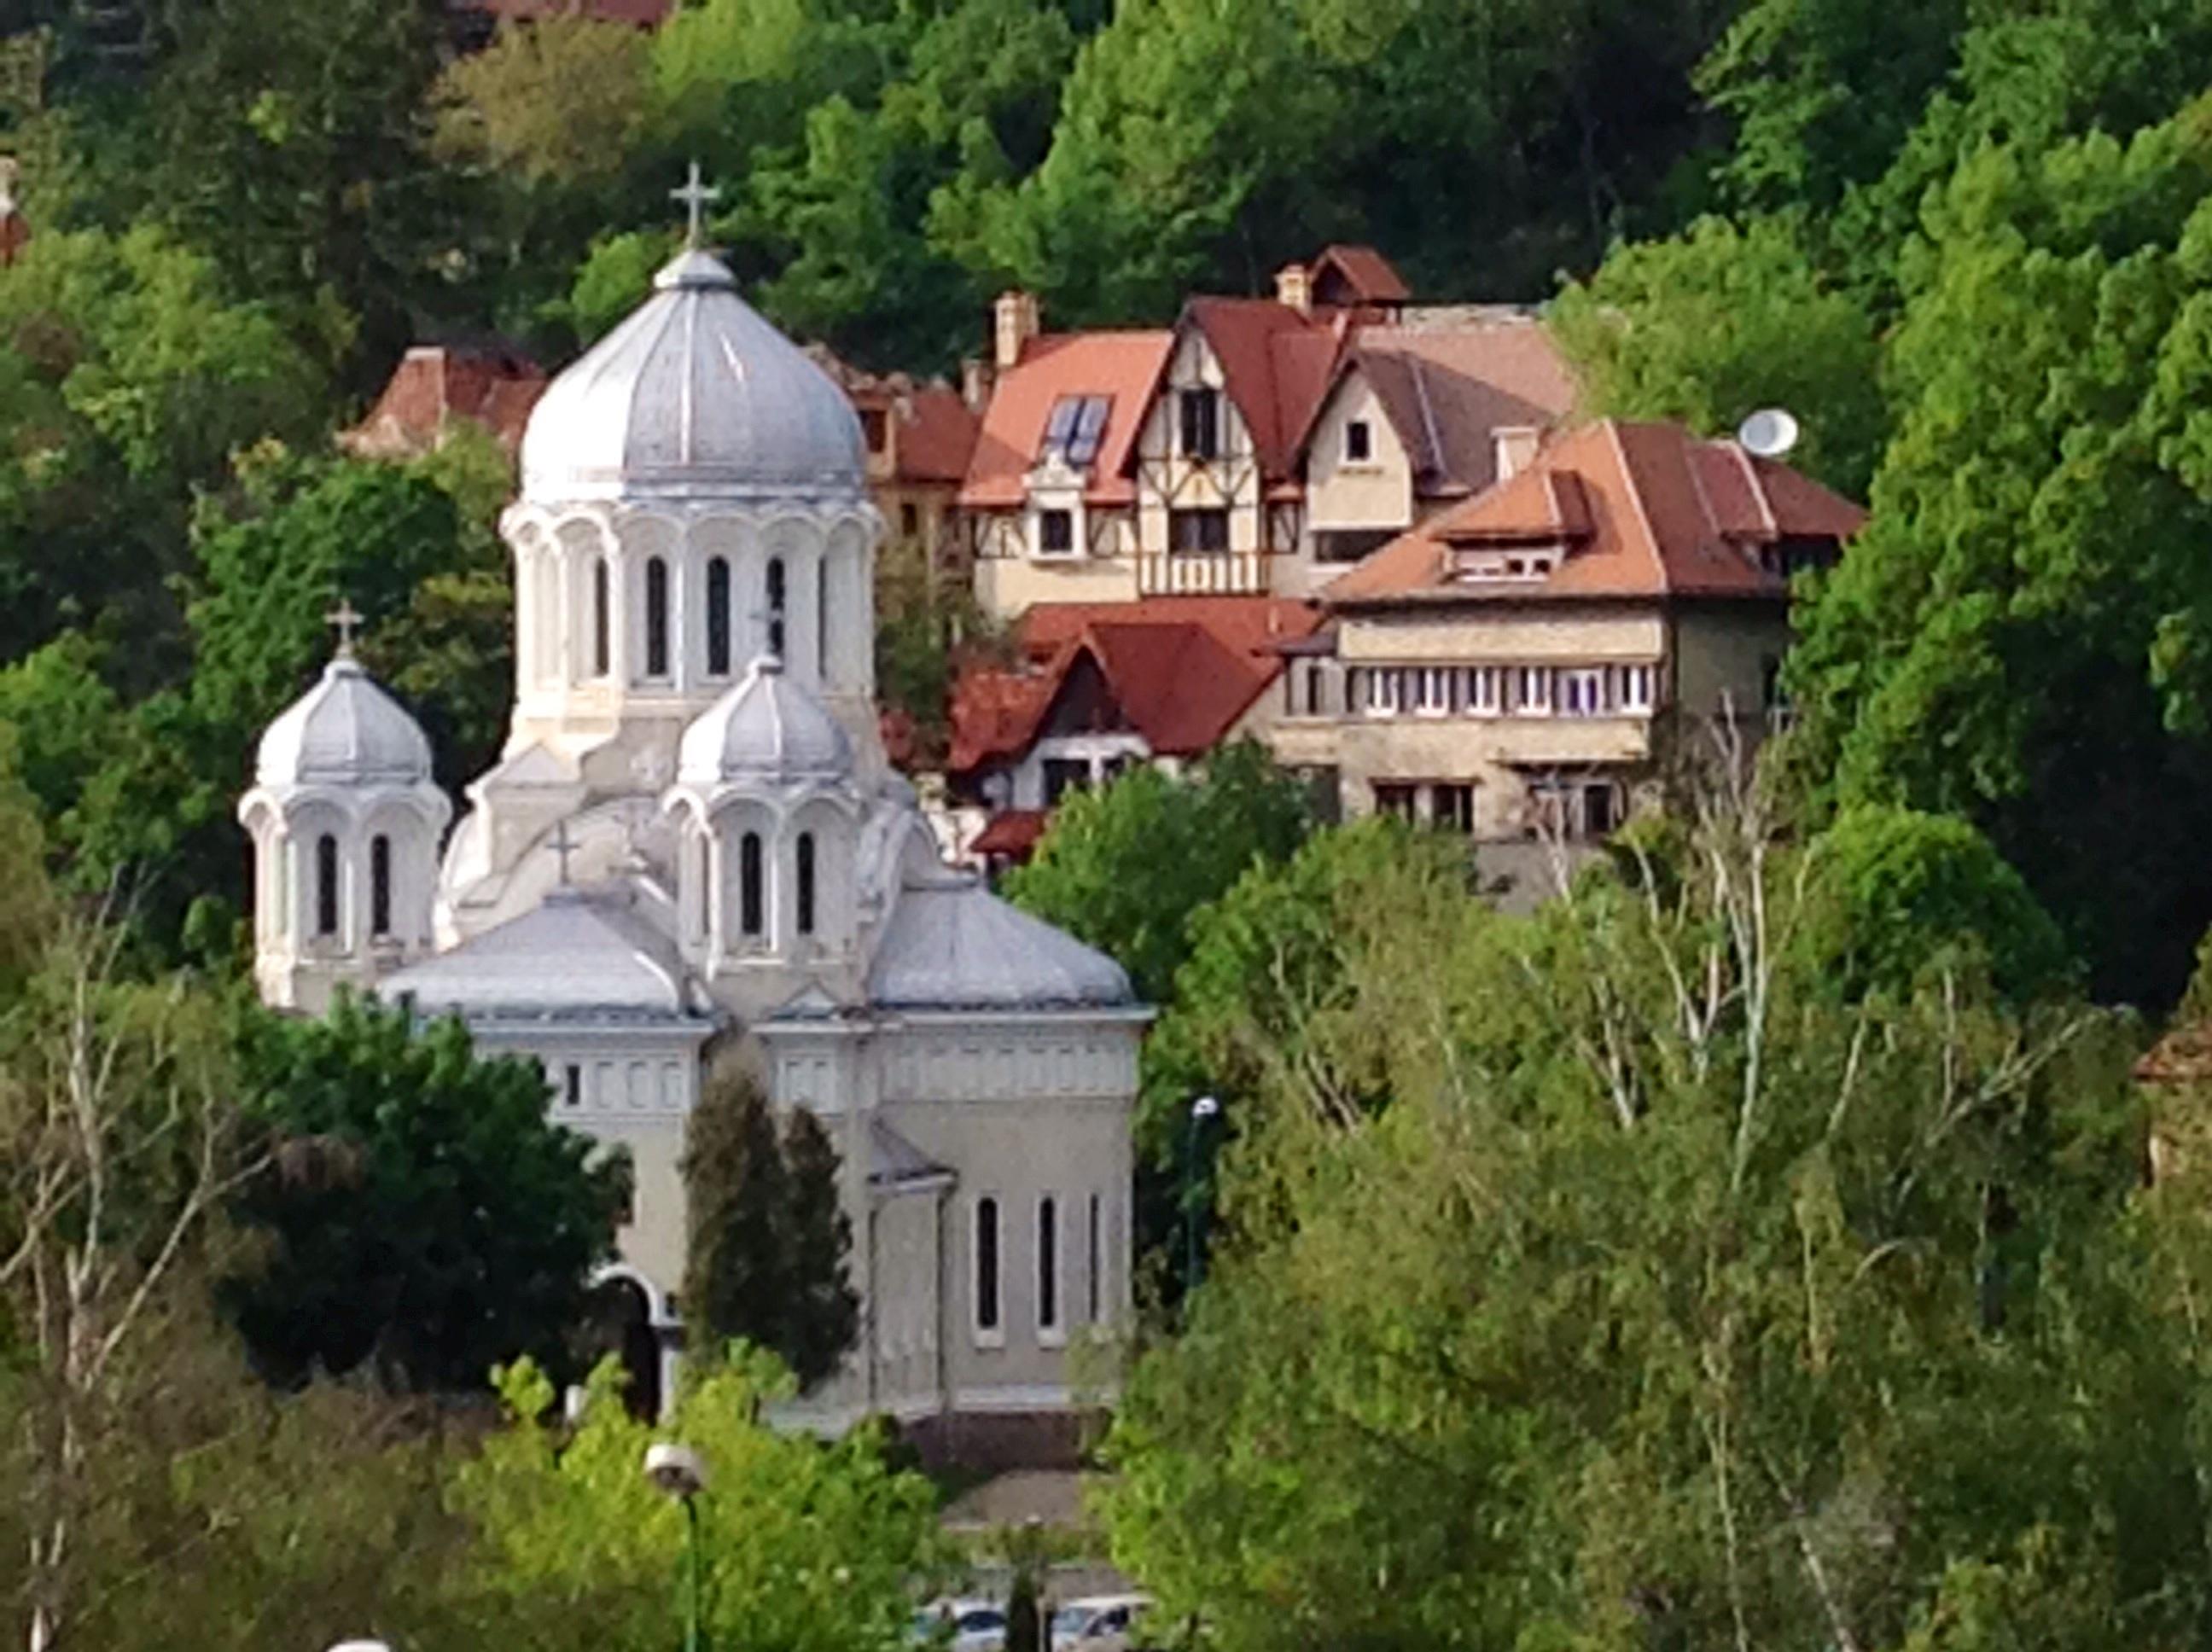 Eglises et monuments regorgent dans la région de Brasov, en Transylvanie